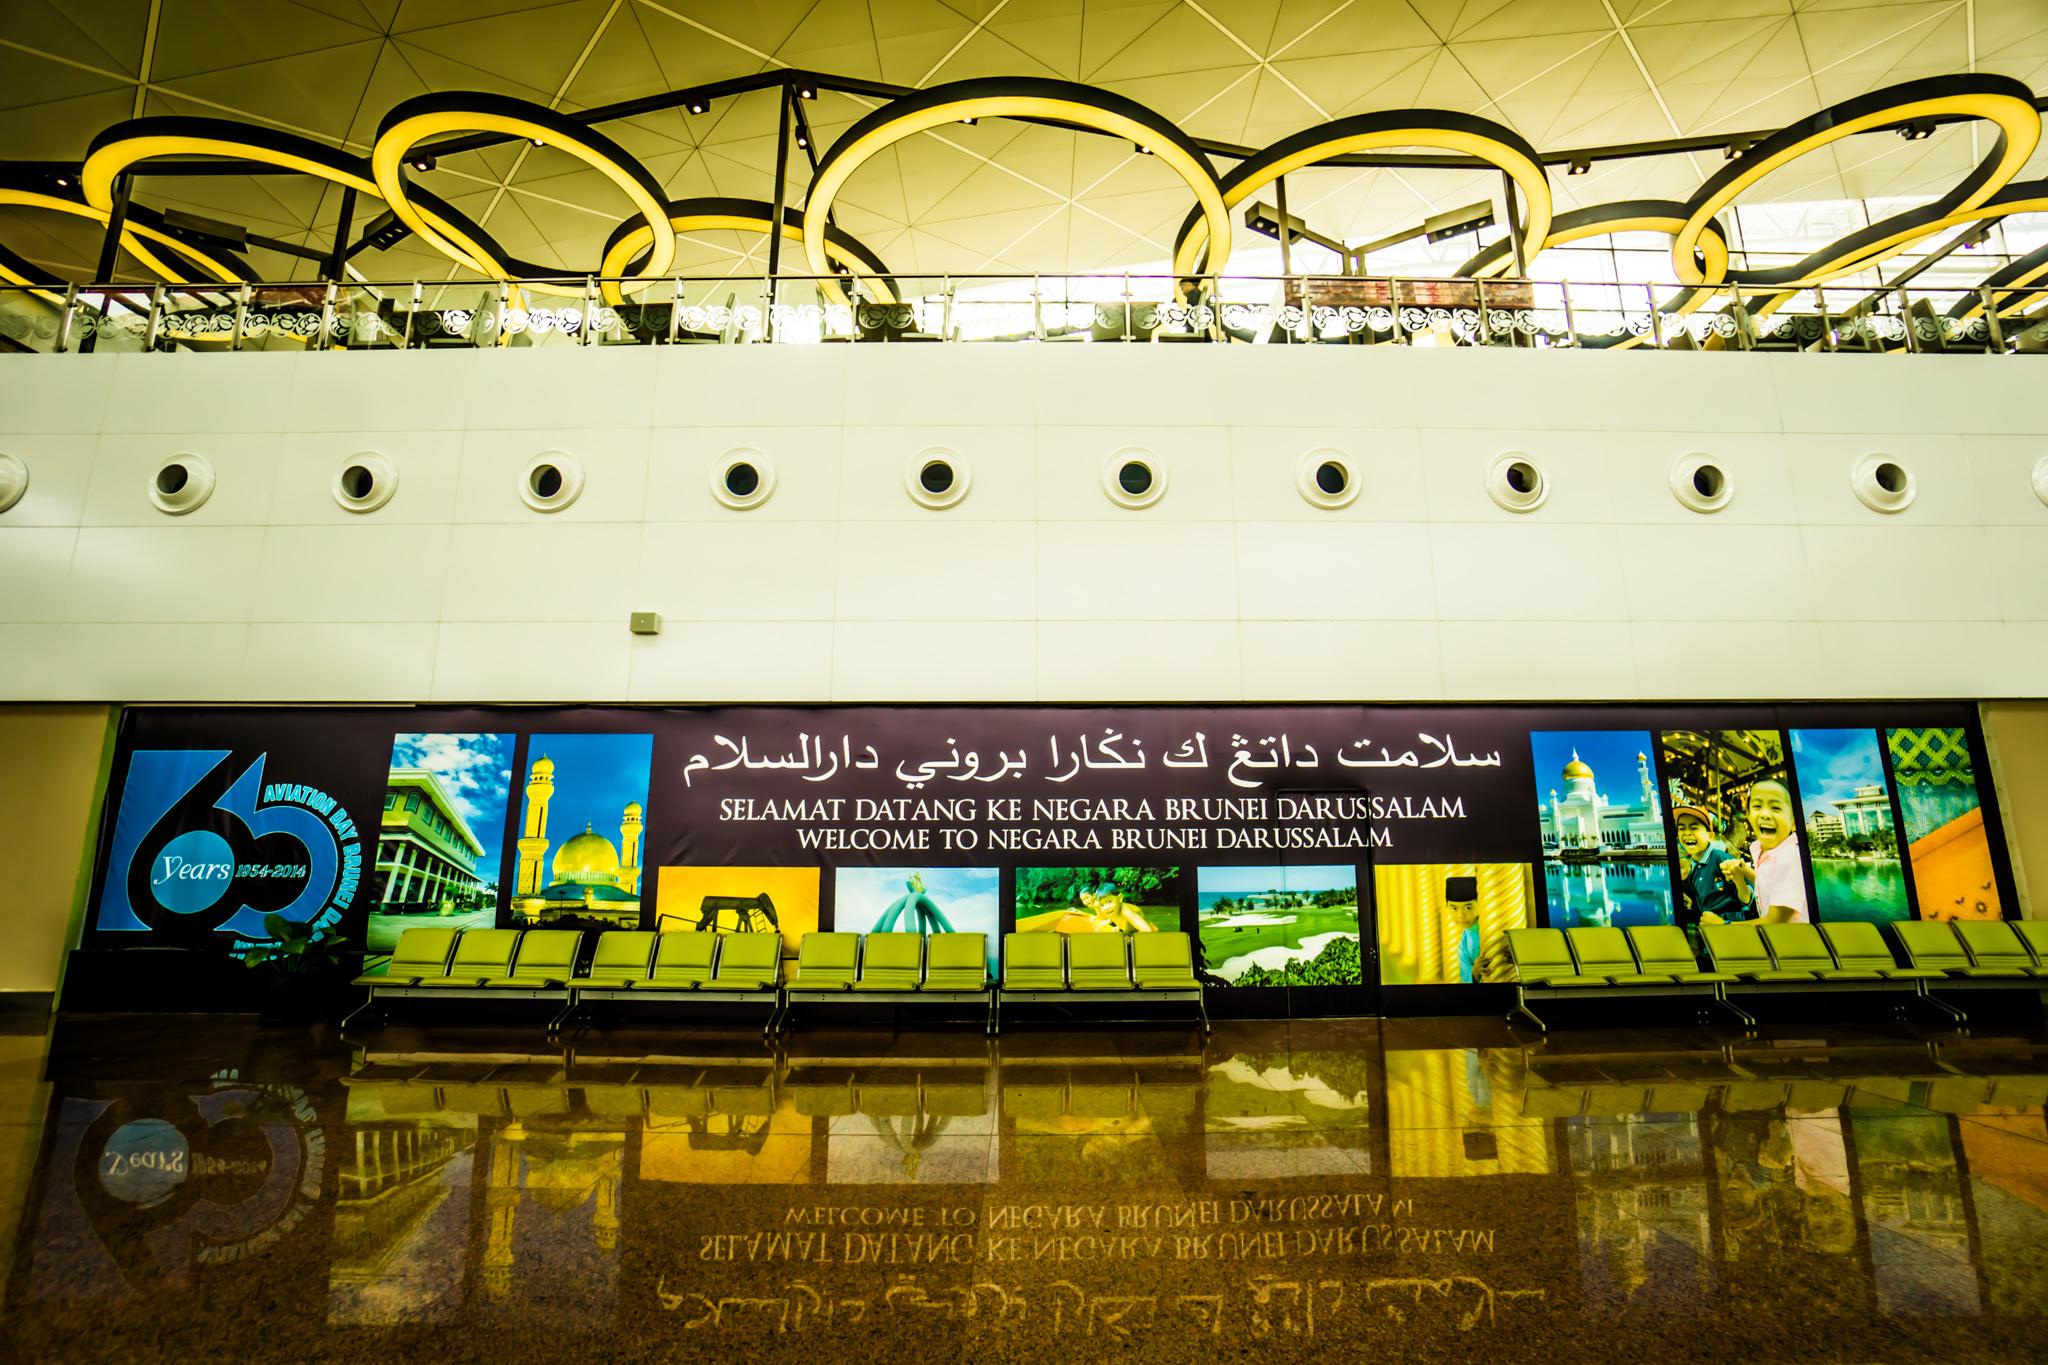 ブルネイ国際空港 アイキャッチ画像